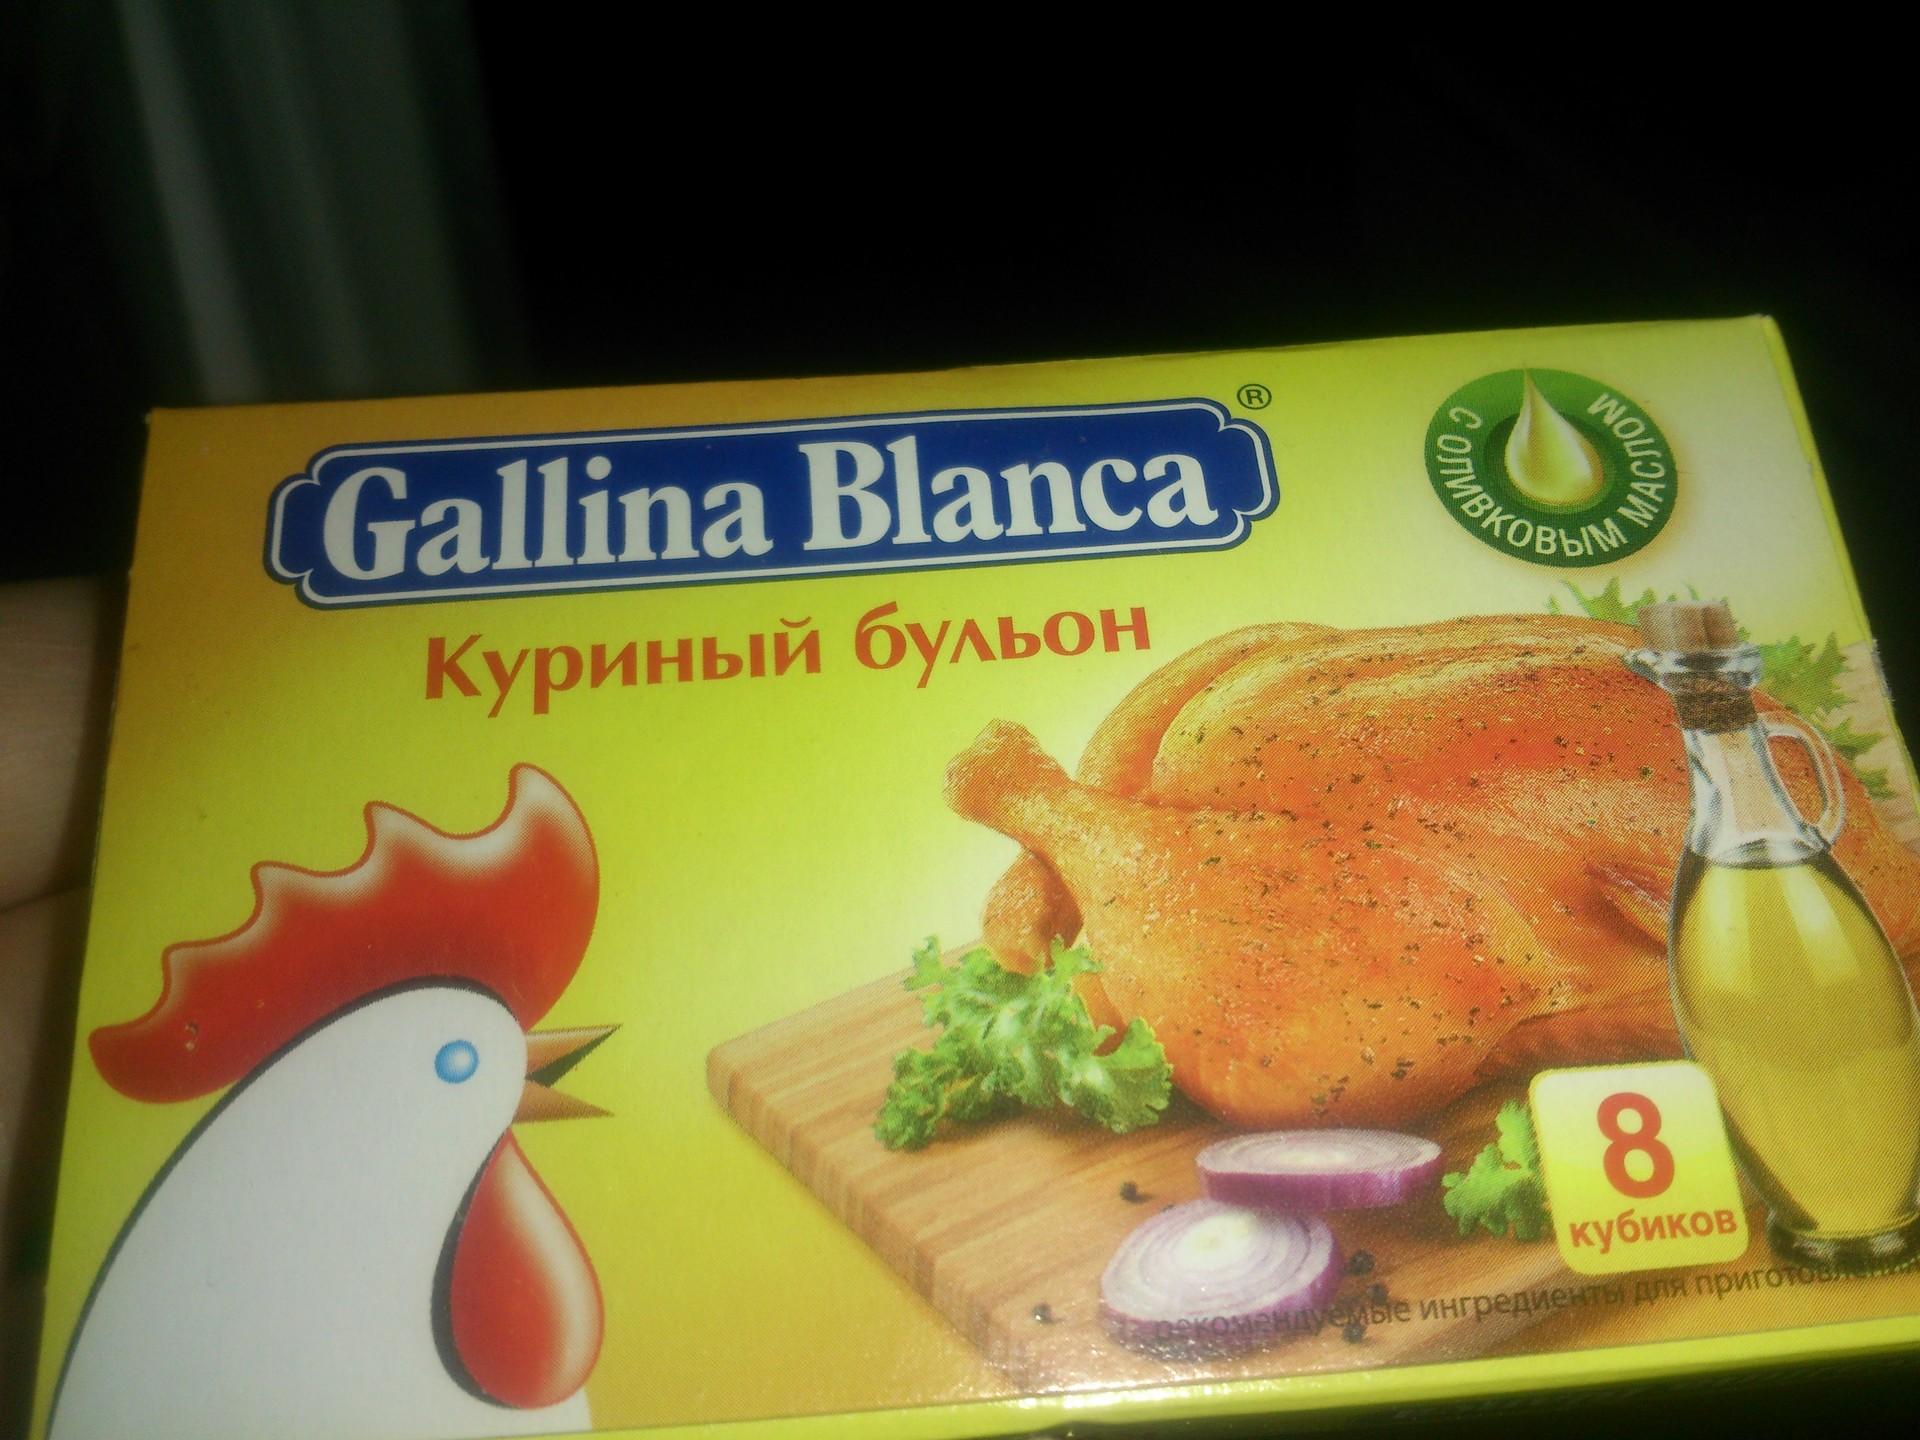 galina-blanca-ed4aadc573144d1eaf2fc2c51f